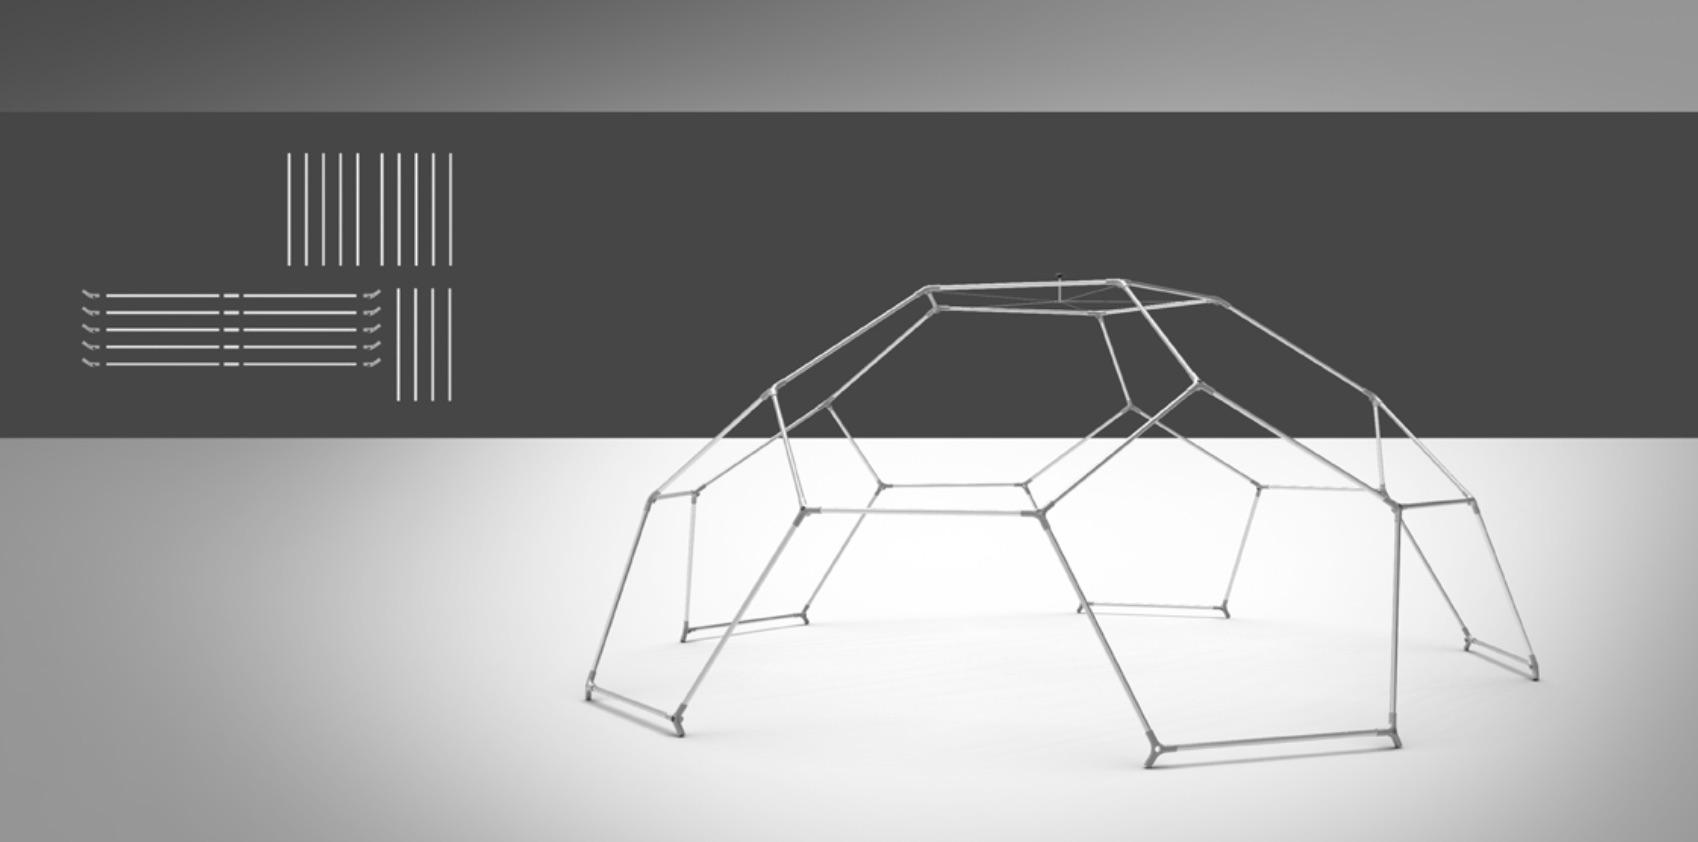 event dome setup - step 4